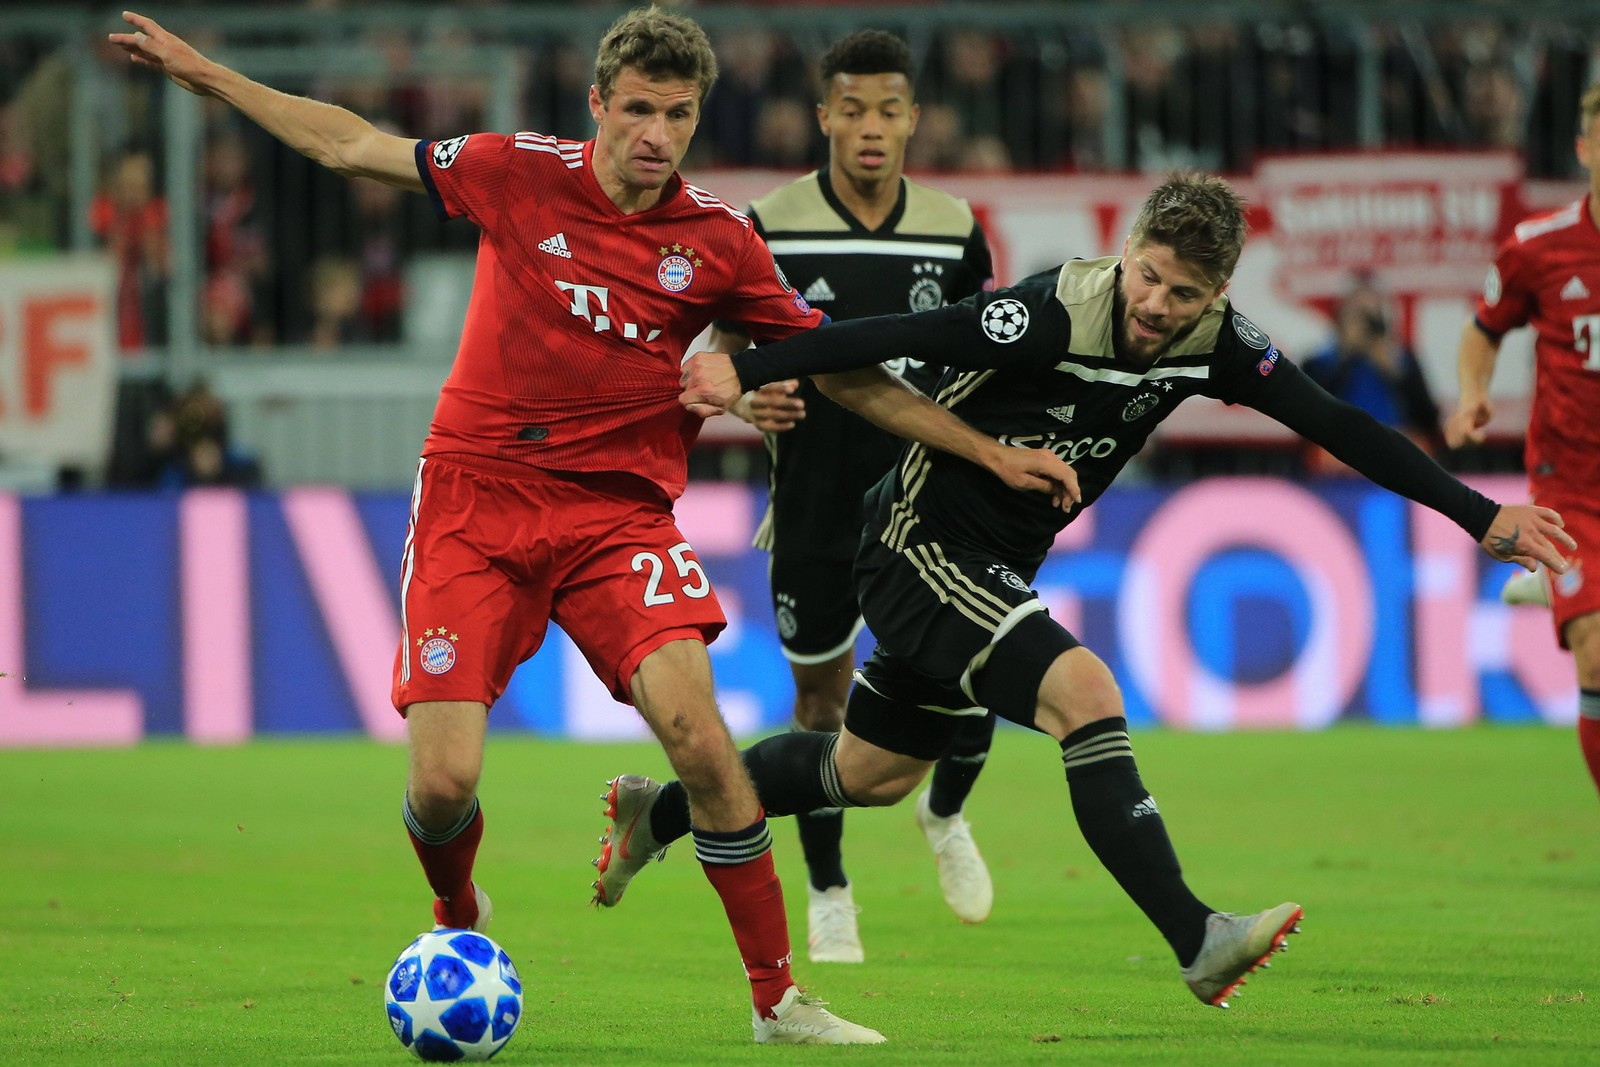 Überzeugt Thomas Müller mit den Bayern diesmal gegen Ajax? Jetzt auf Ajax gegen Bayern wetten!